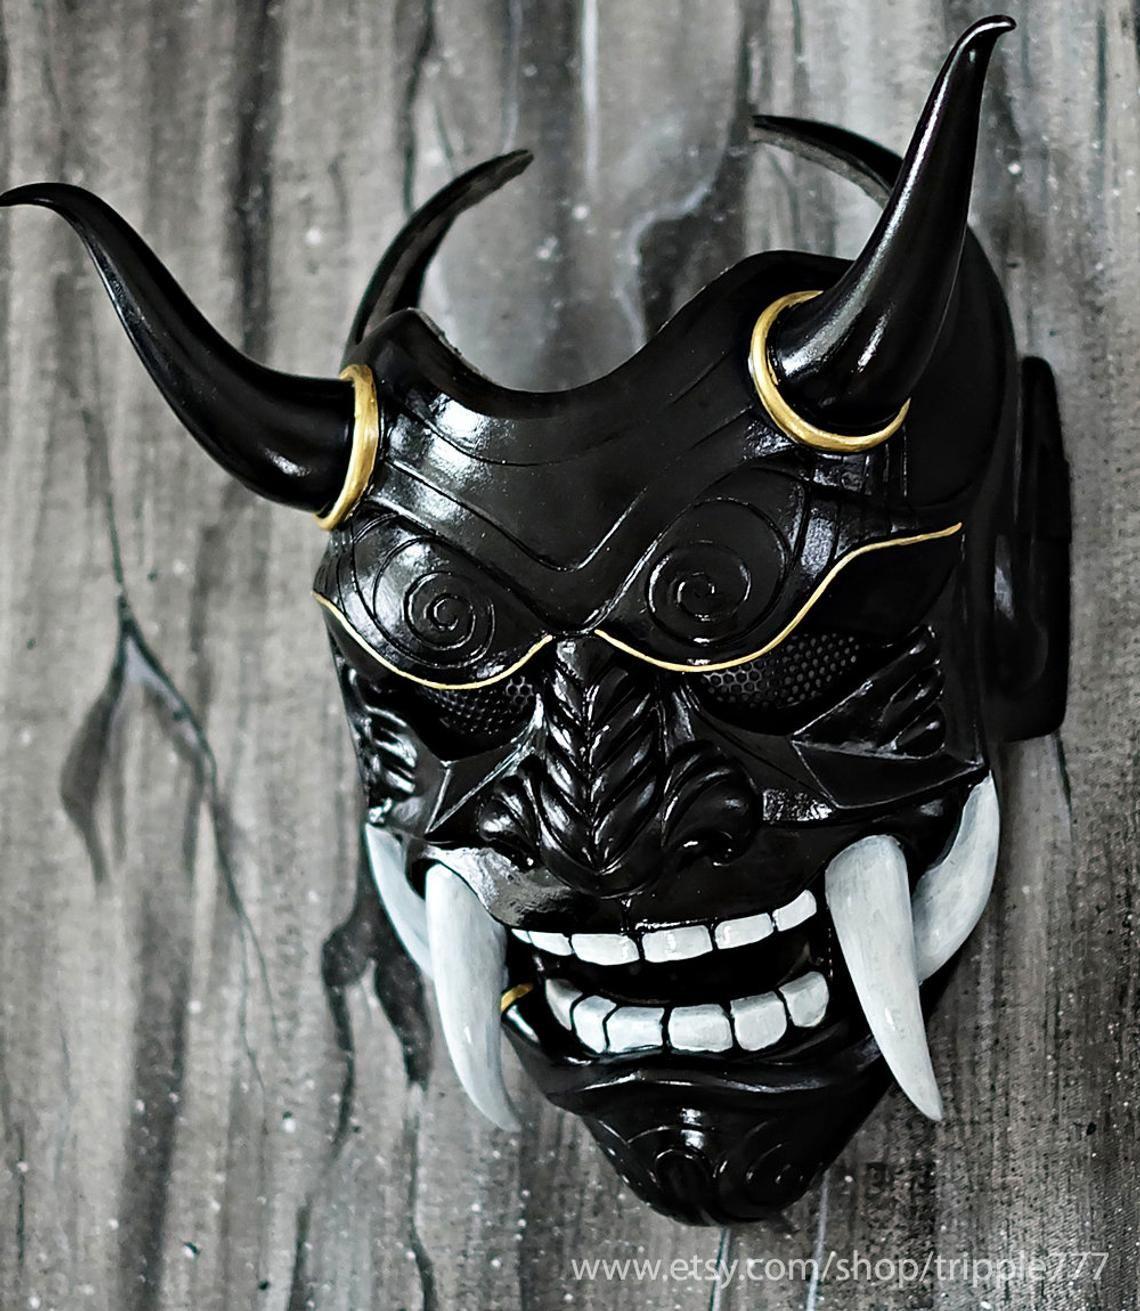 Epingle Par Angelique Mouton Sur Diablesse Demons Art Fantastique Les Arts